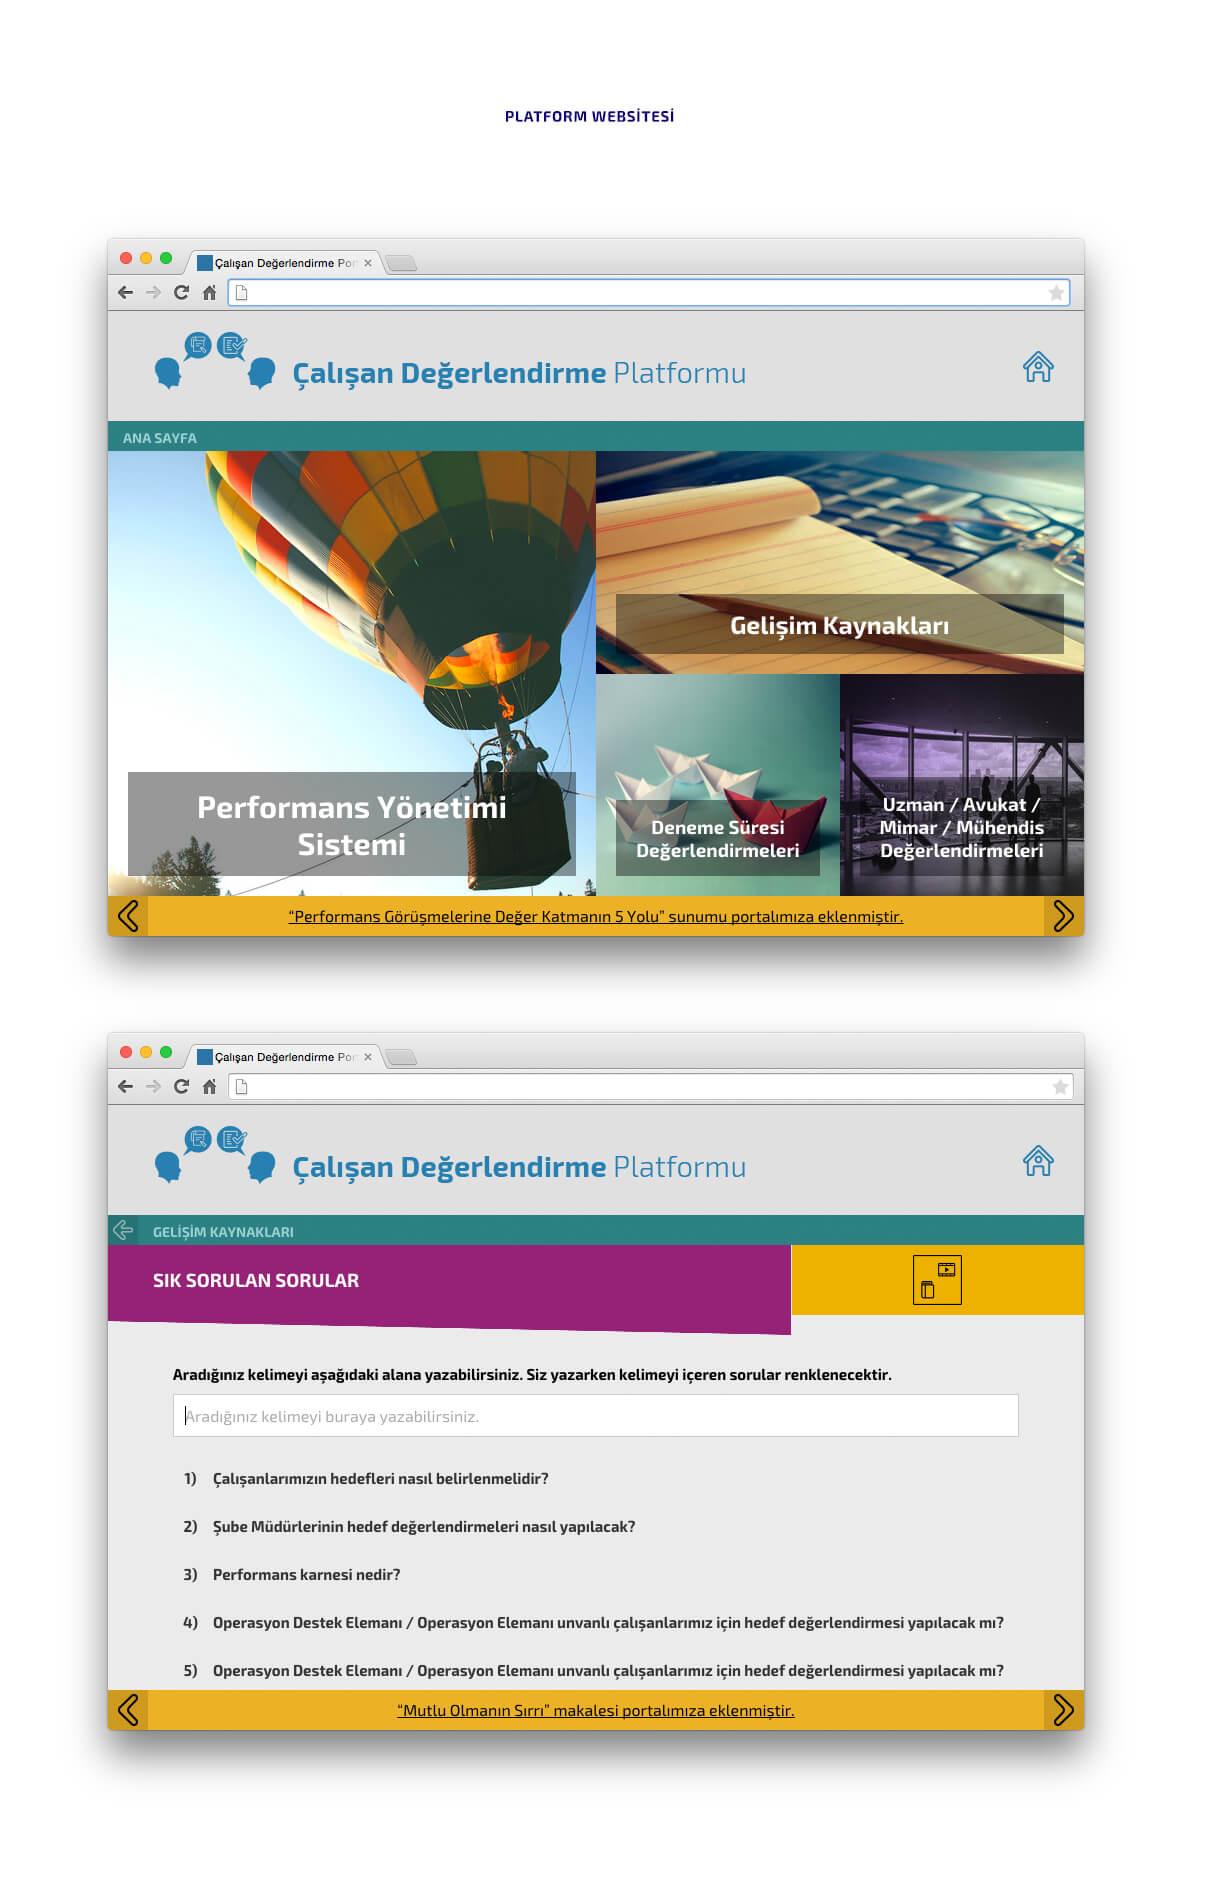 İş Bankası ÇDP websitesi